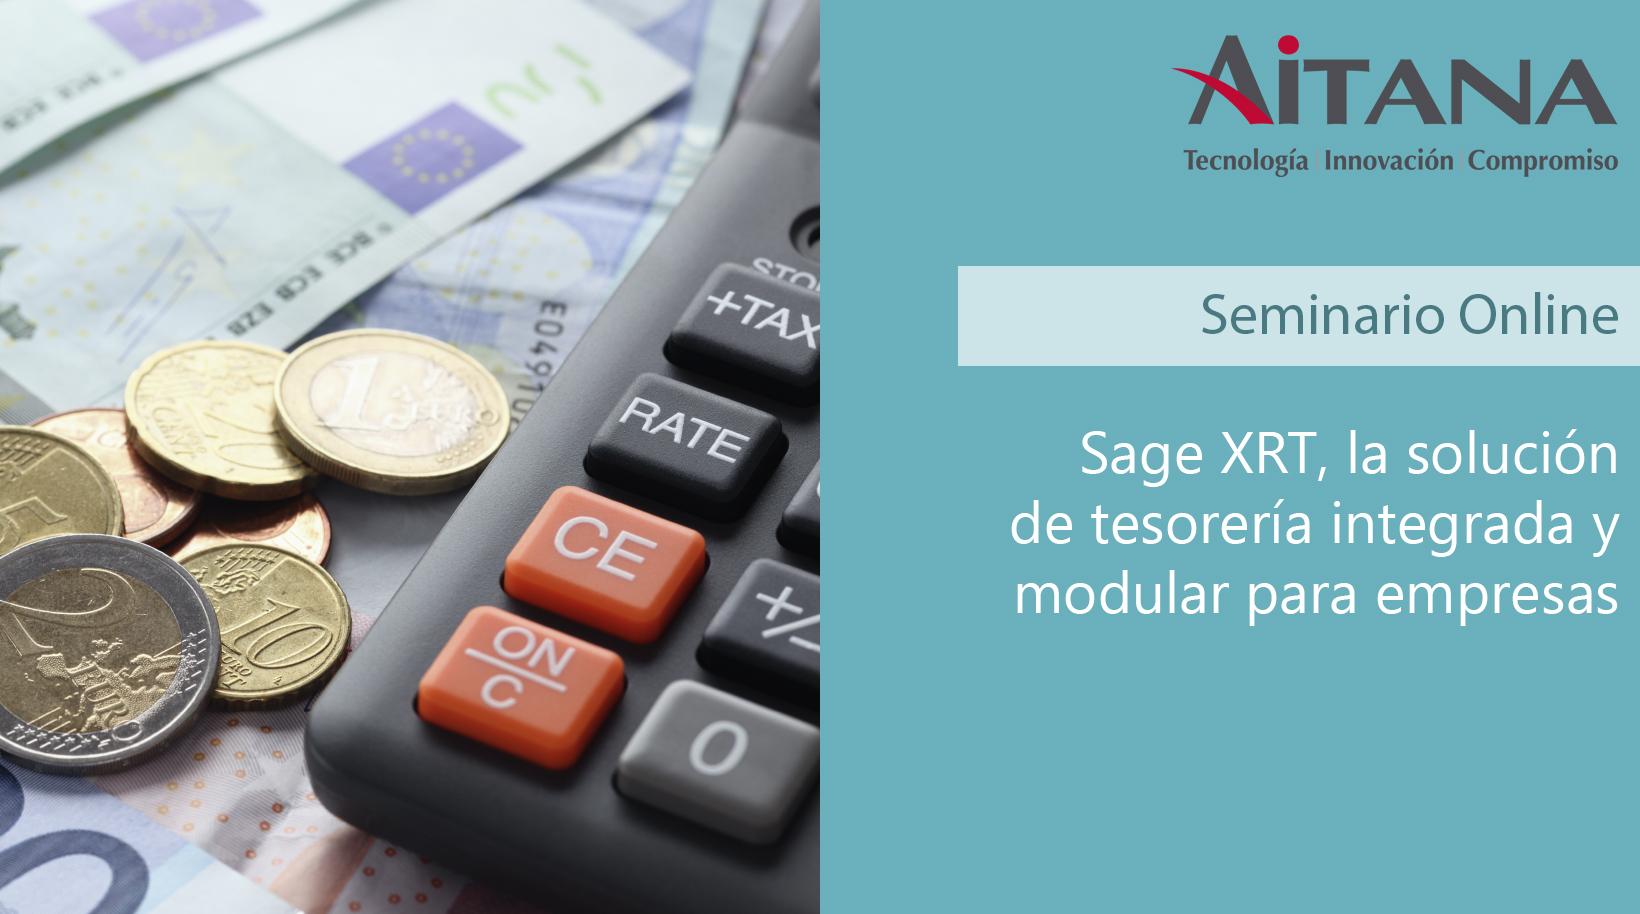 Sage XRT, la solución de tesorería integrada y modular para empresas